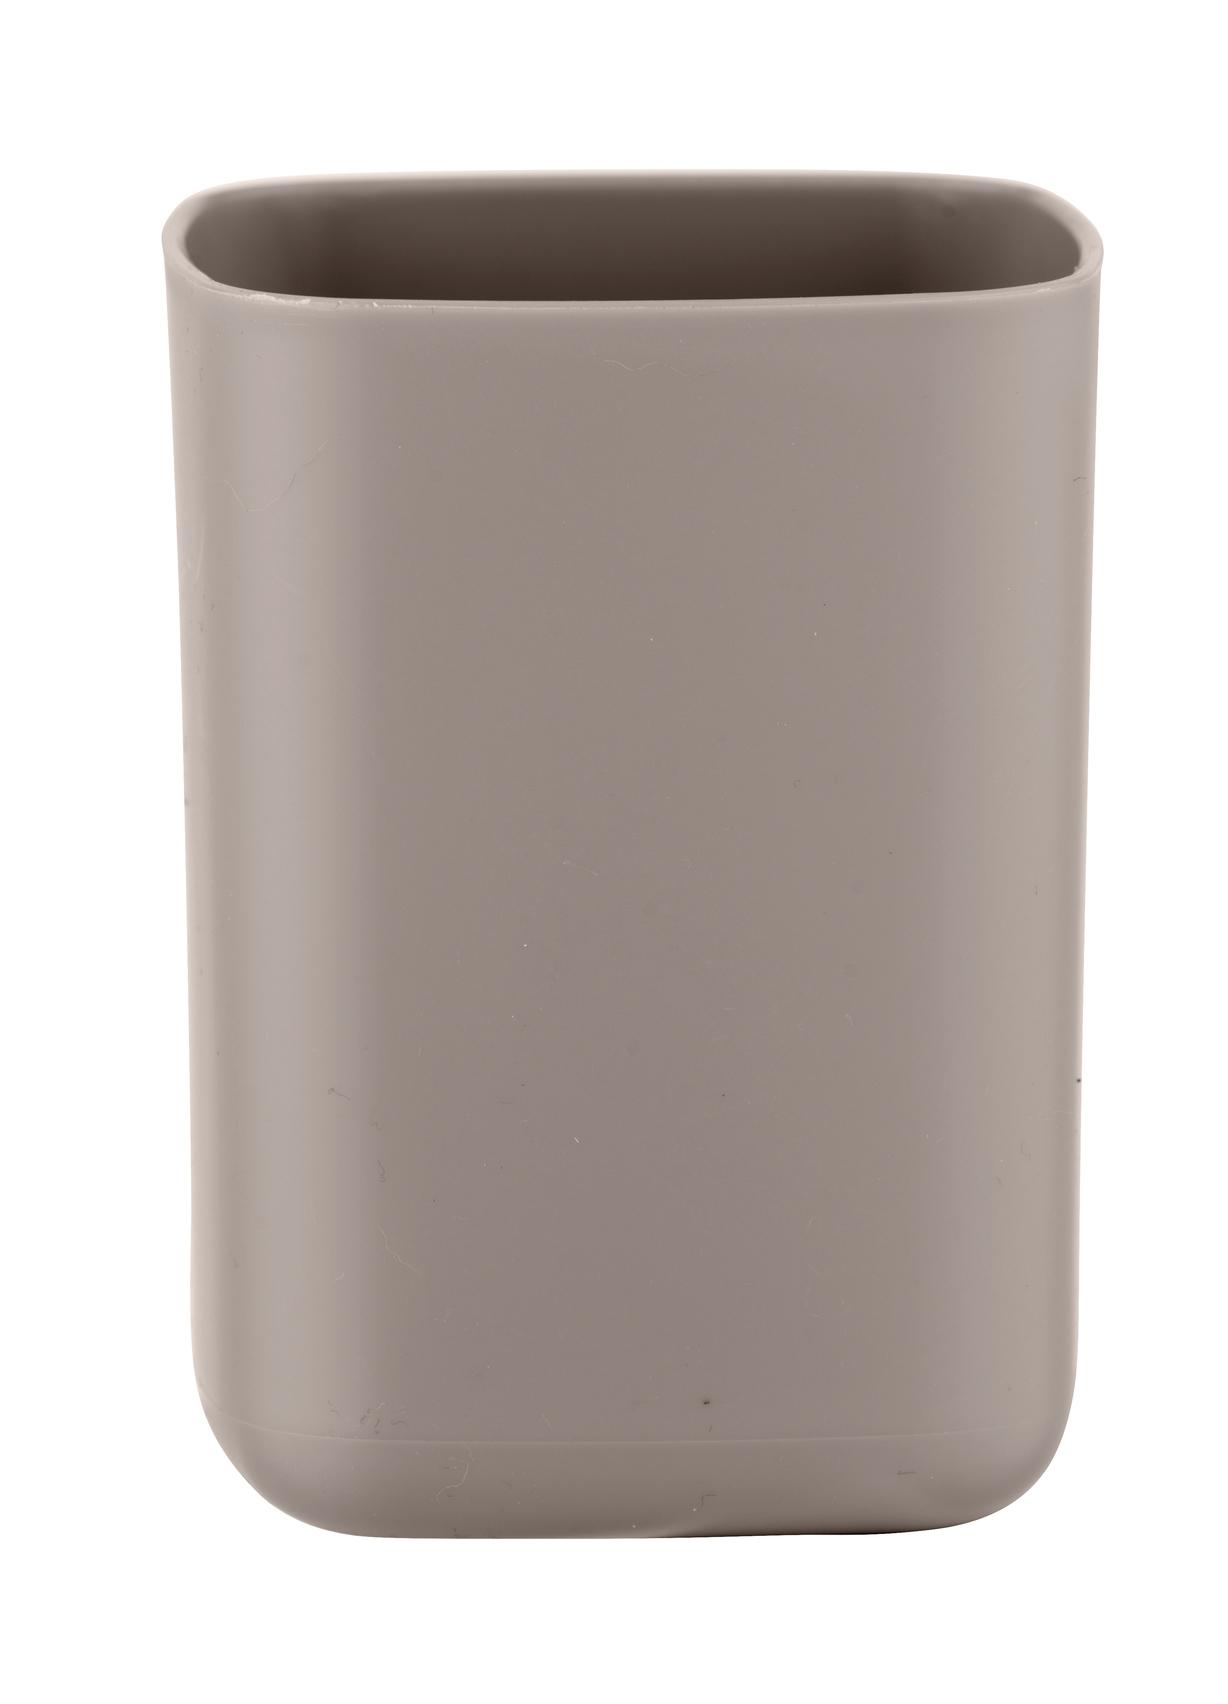 Pahar pentru periuta de dinti, din termoplastic, Barcelona Taupe, L7xl7xH10 cm imagine